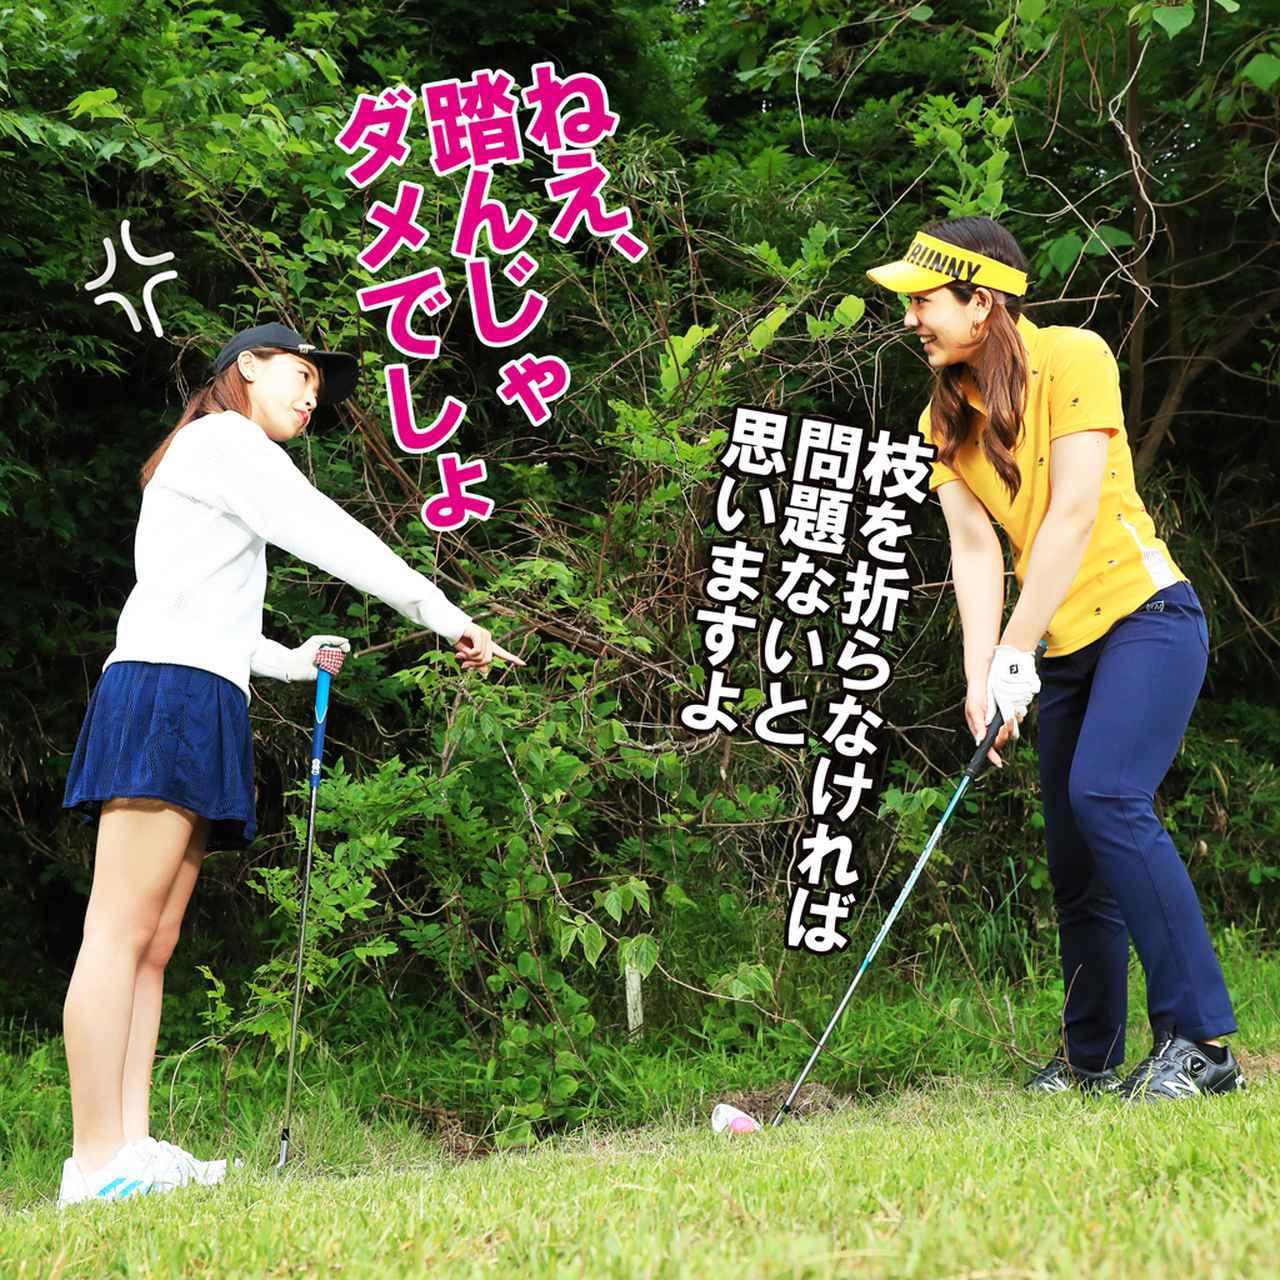 画像3: 【新ルール】スタンスで枝が邪魔だったので、踏んでアドレス。罰あり? なし?